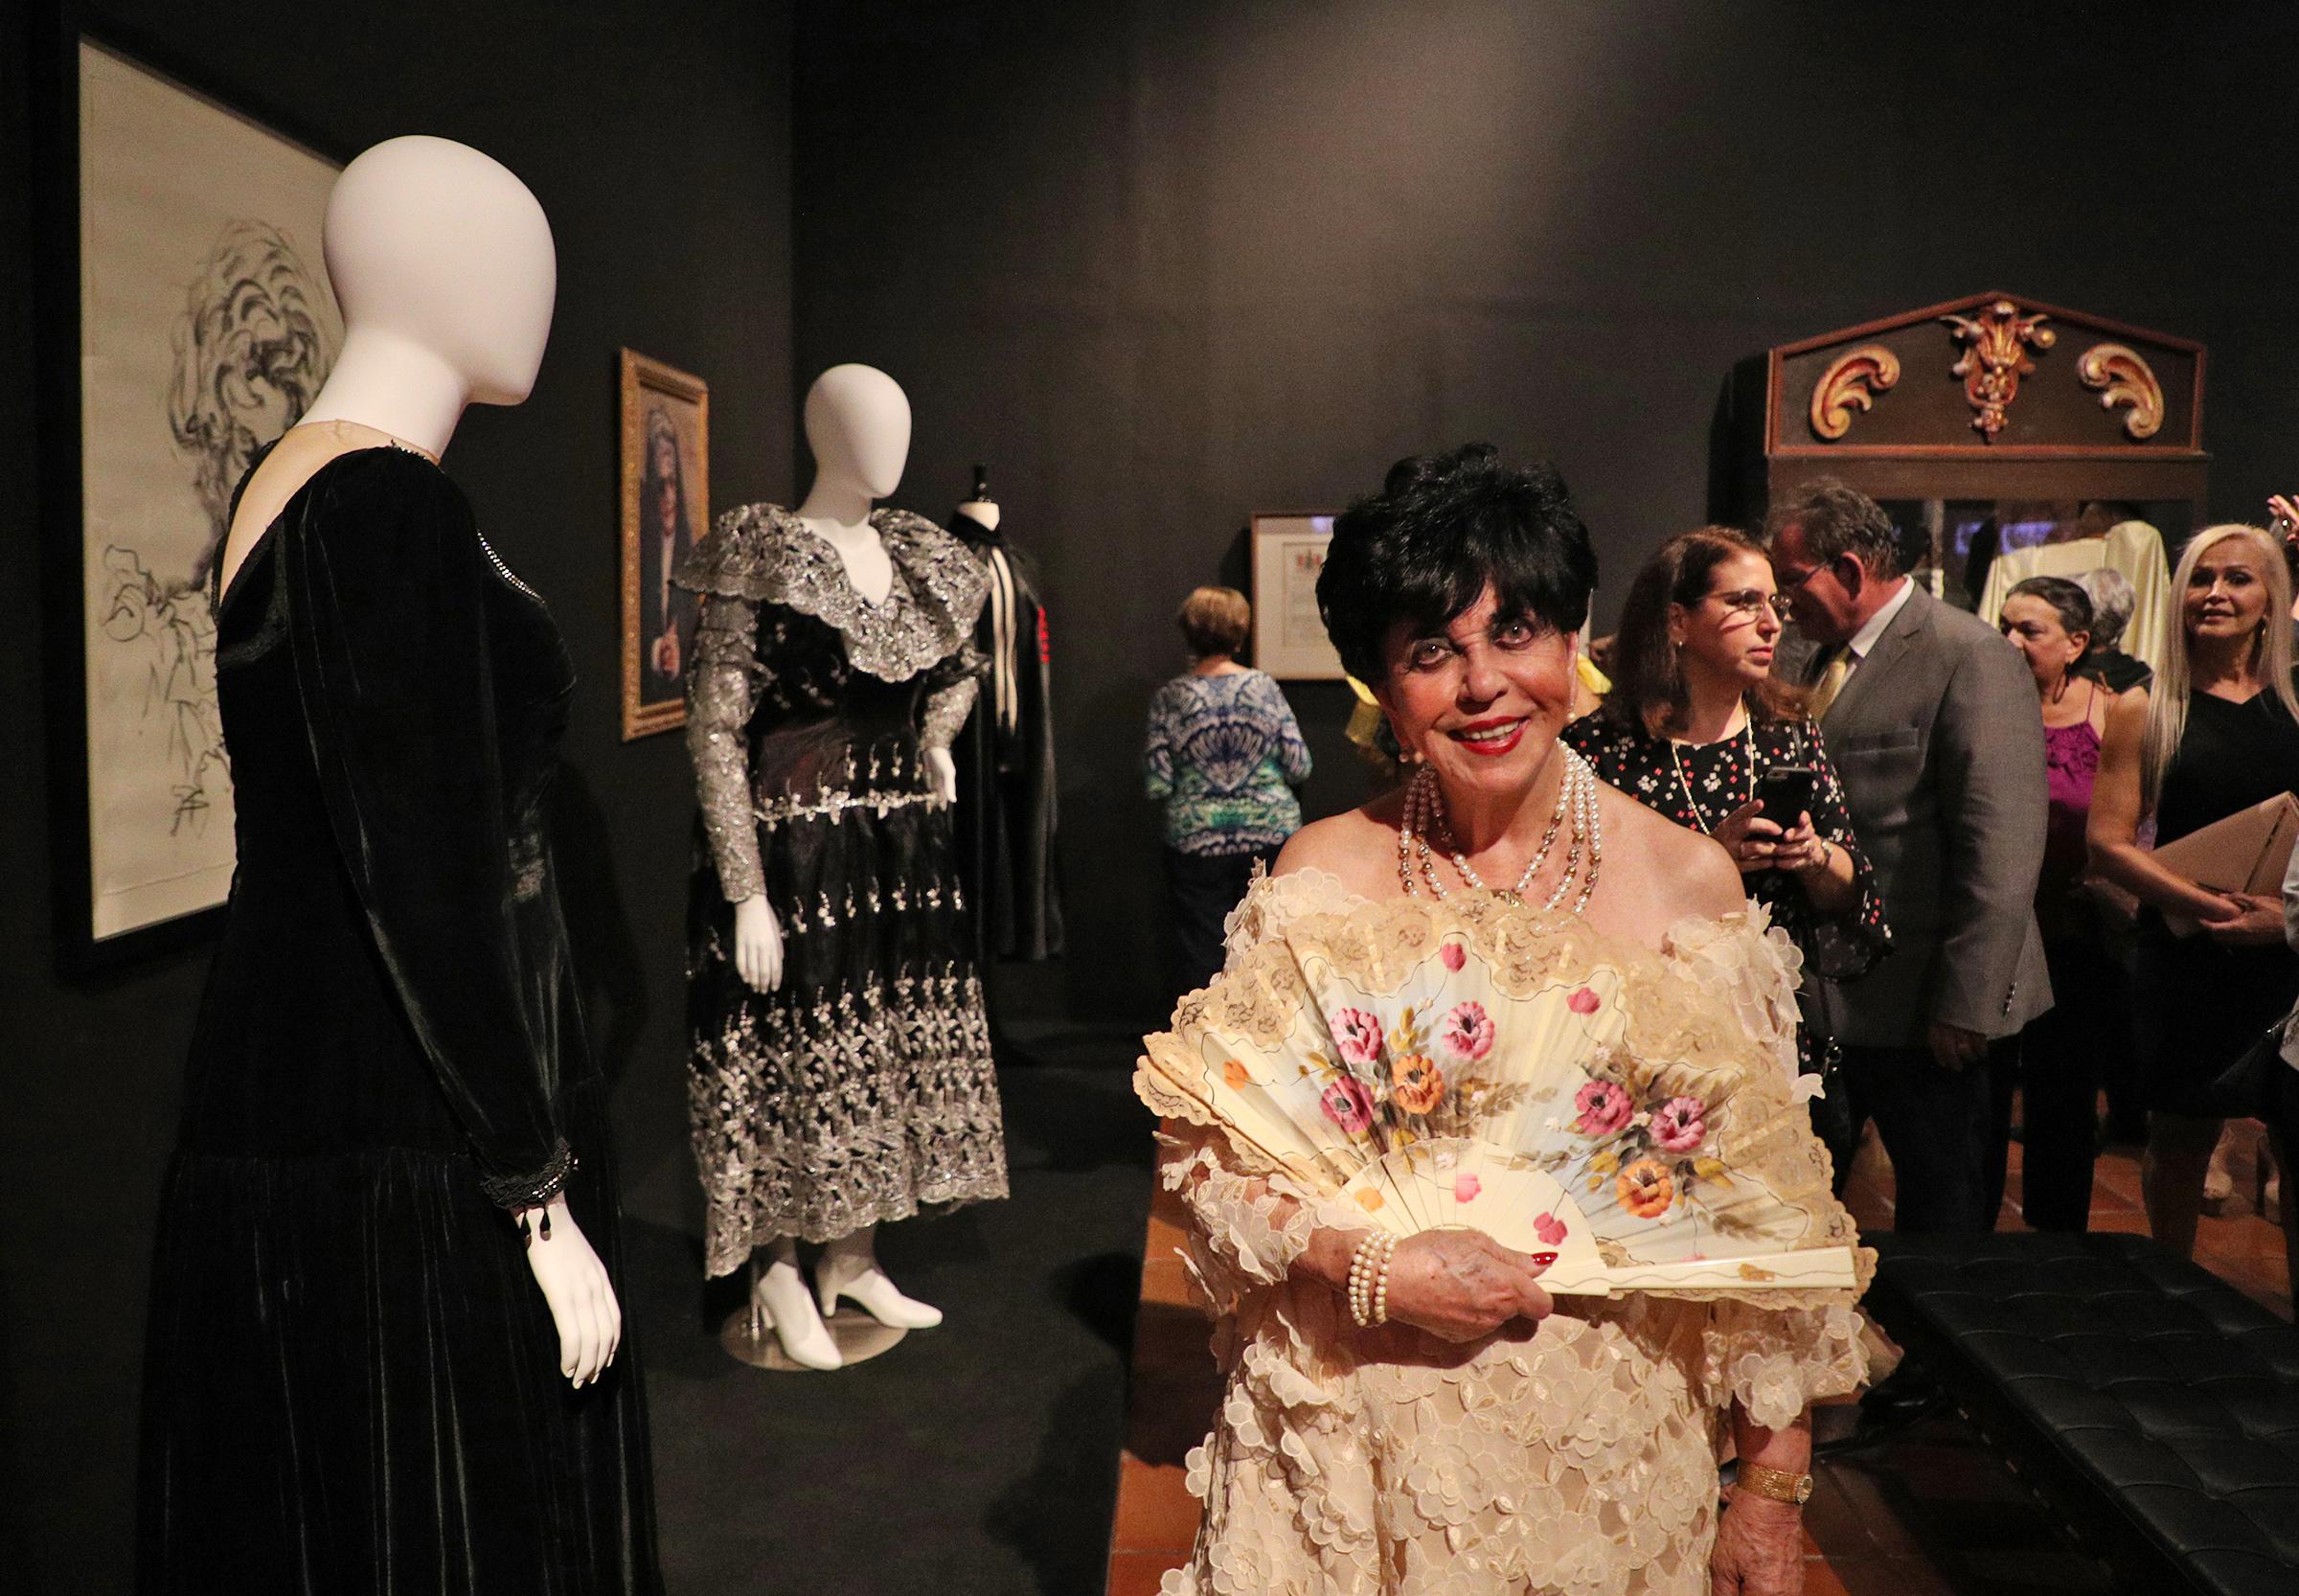 Carlota Alfaro fue una de las diseñadoras puertorriqueñas que confeccionó especialmente para exhibición un vestido inspirado en el estilo de Felisa Rincón de Gautier. (Foto: Juan Luis Martínez)